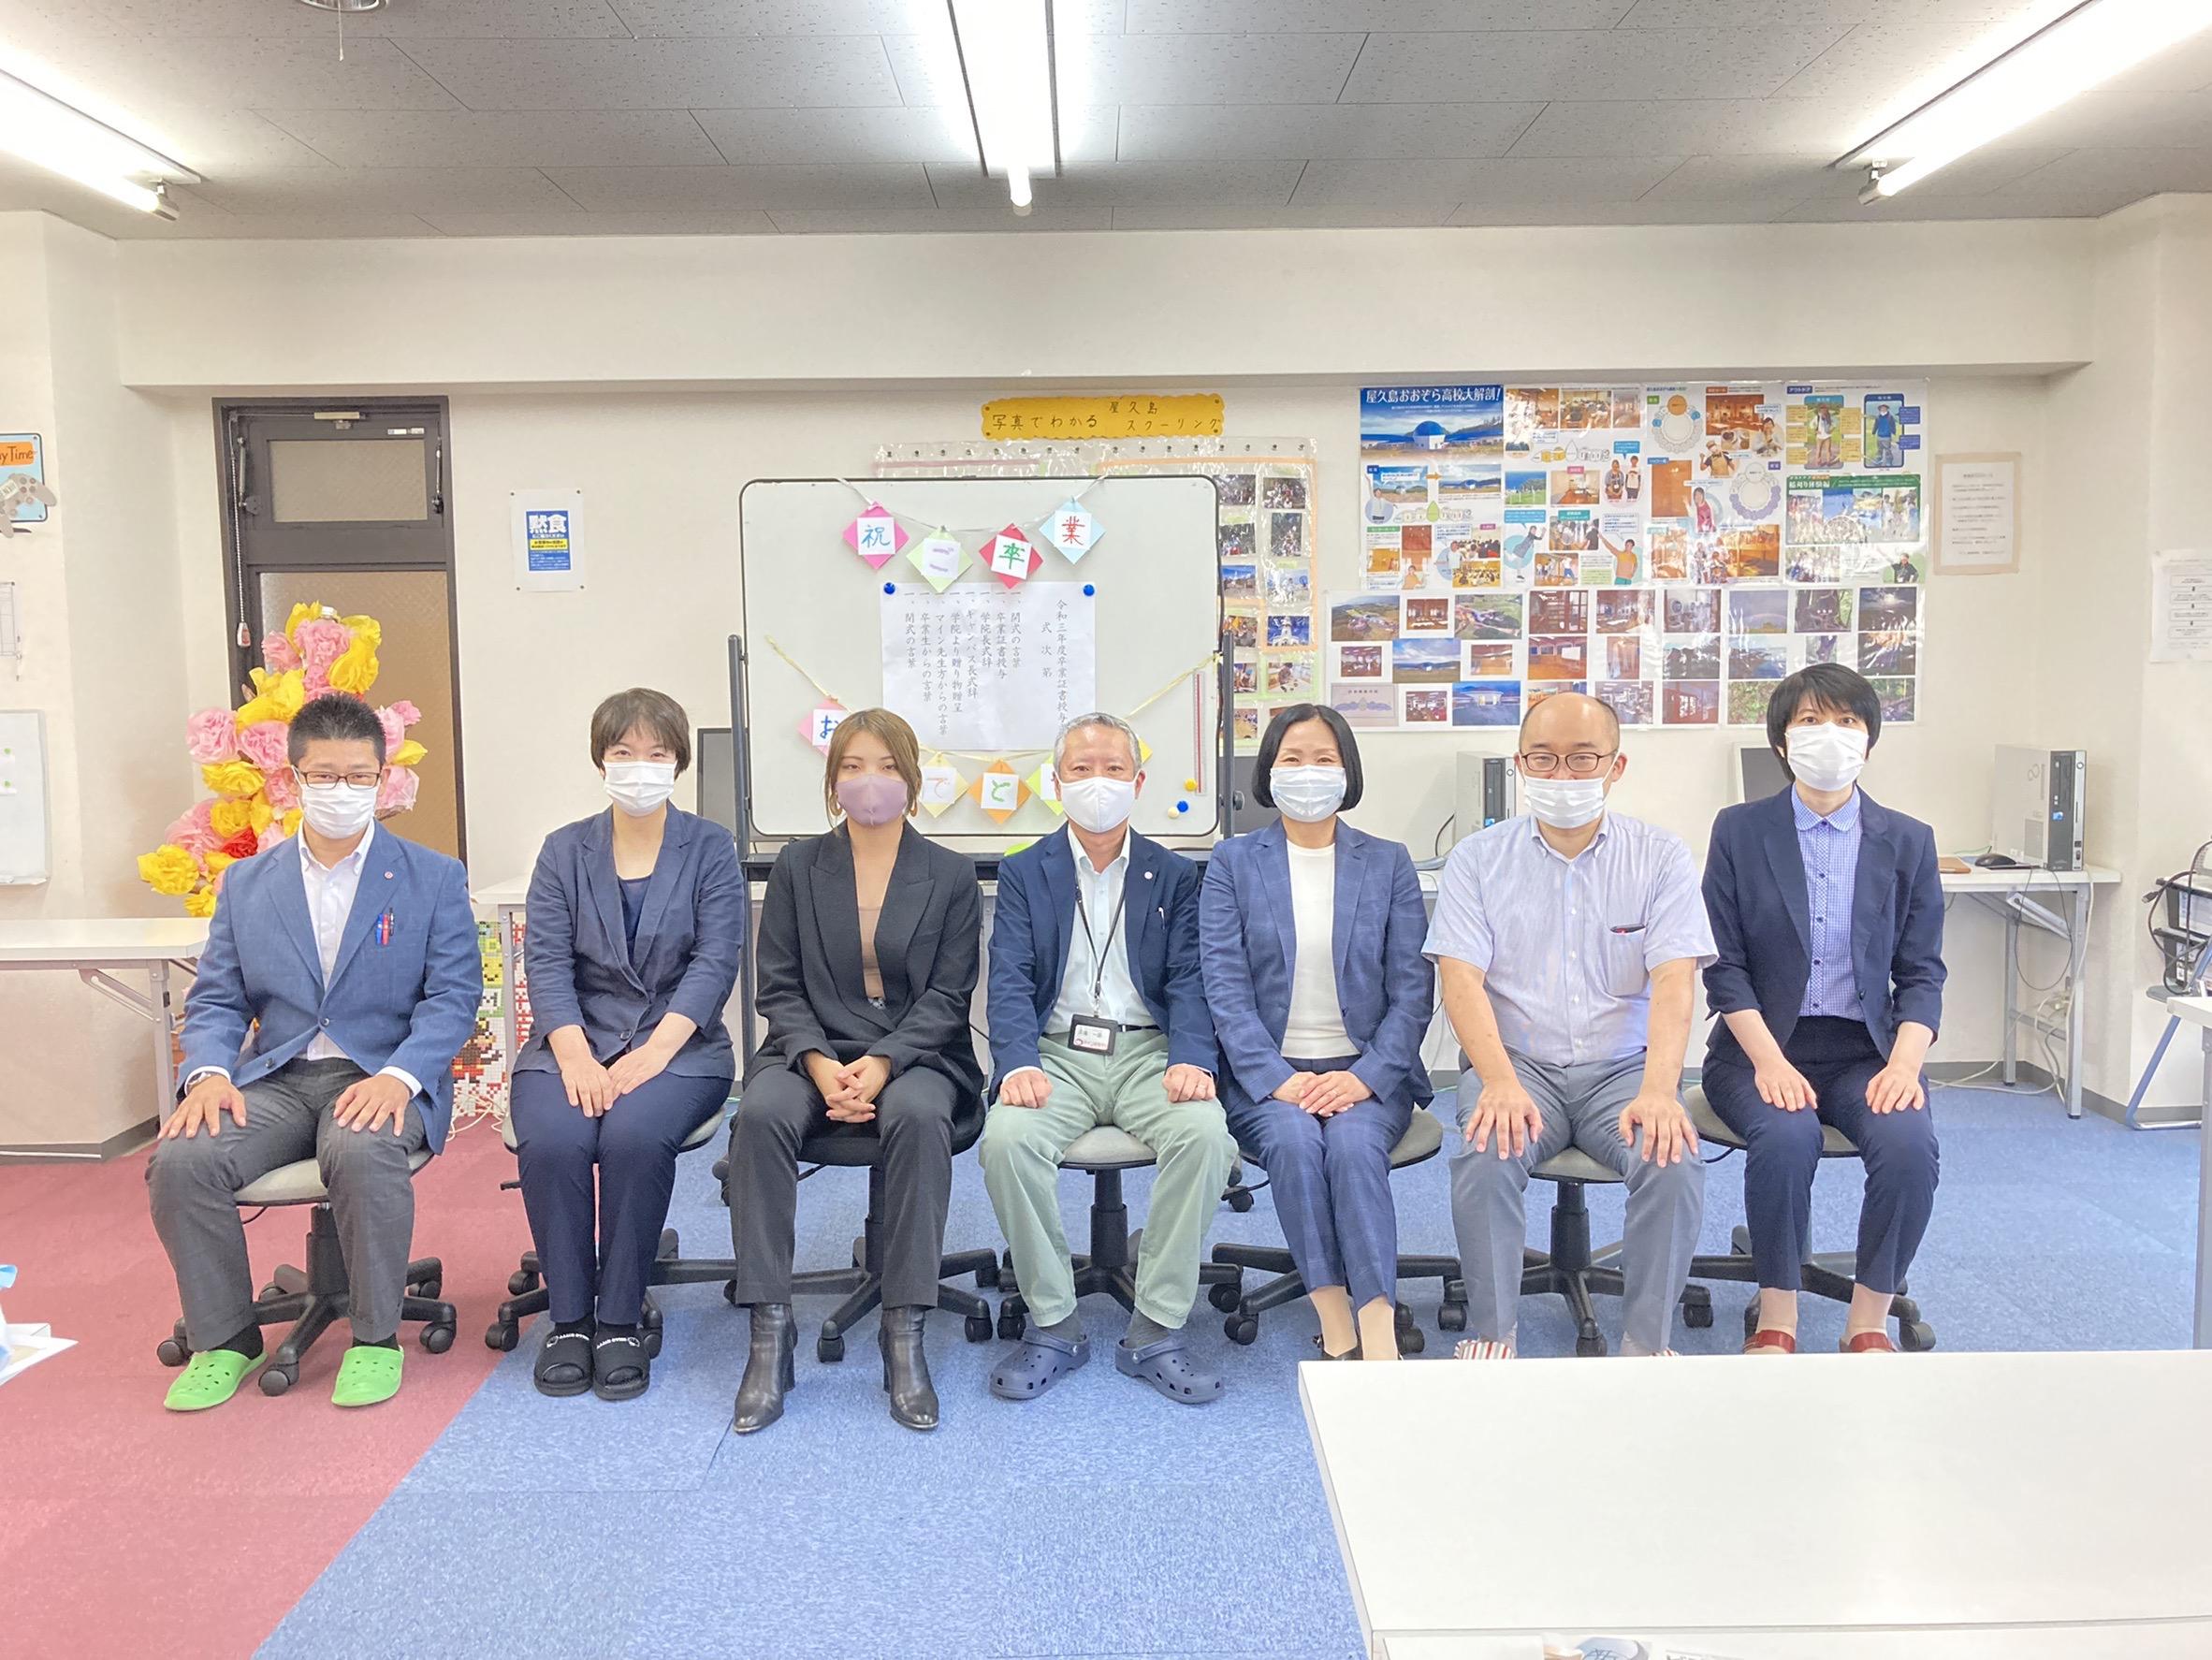 マイン秋の卒業式@久留米キャンパス